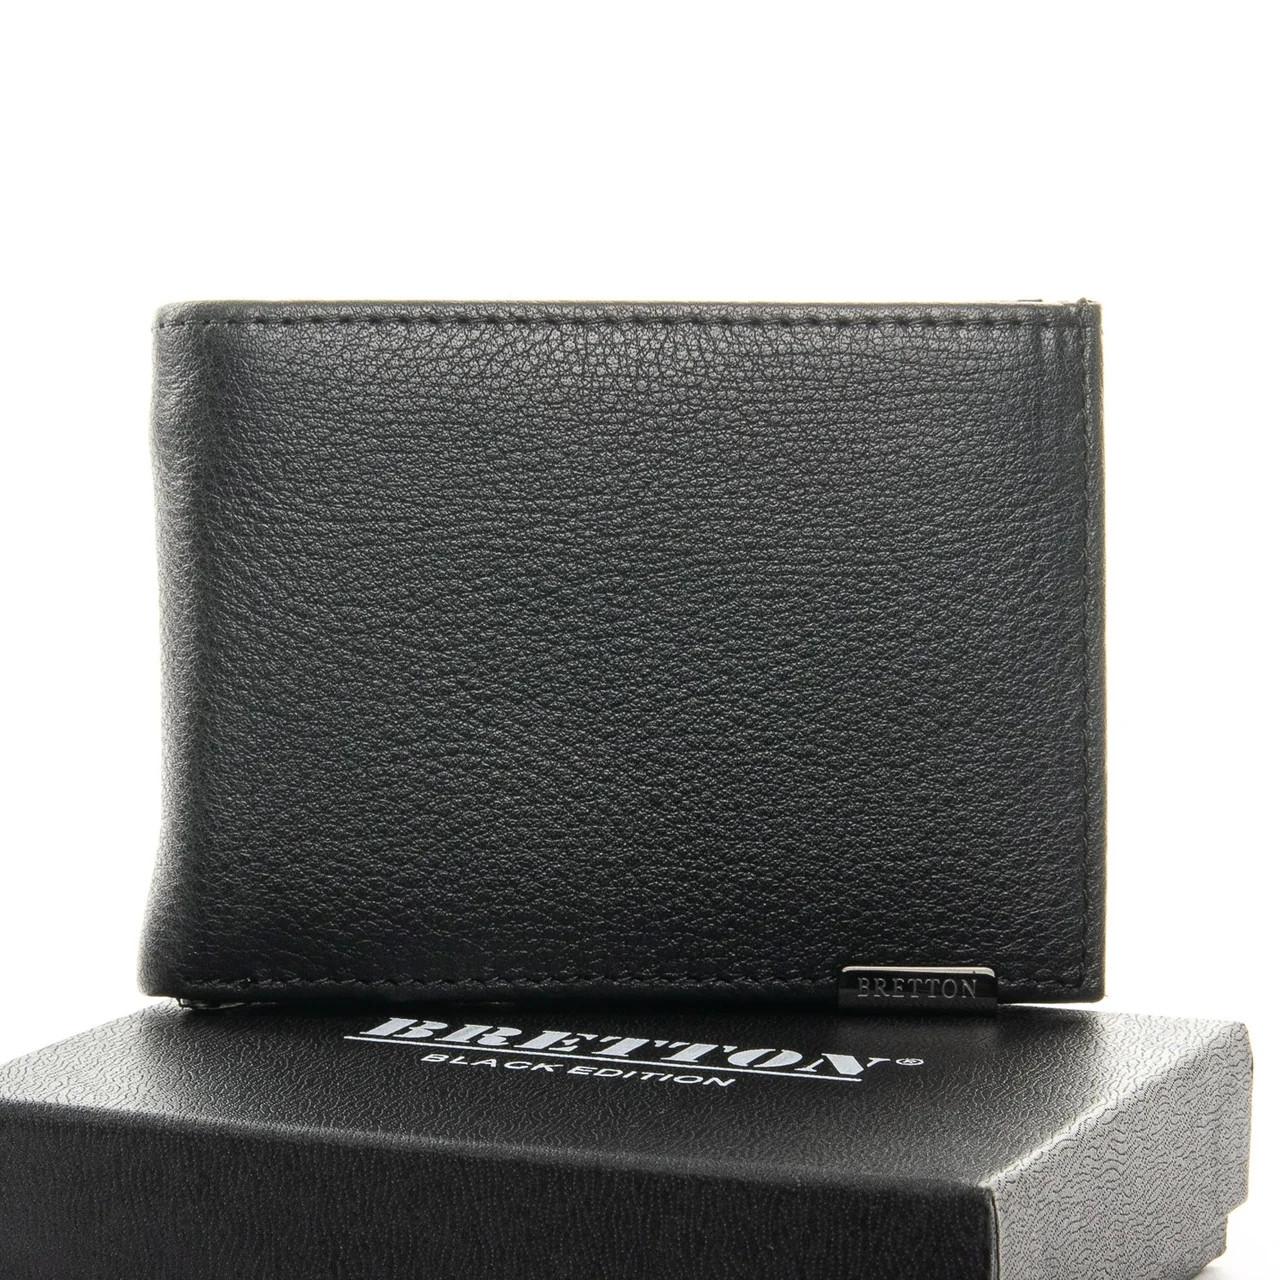 Шкіряний чоловічий гаманець(Зажим для грошей) / Кожаный мужской кошелек(Зажим для денег) Bretton 168